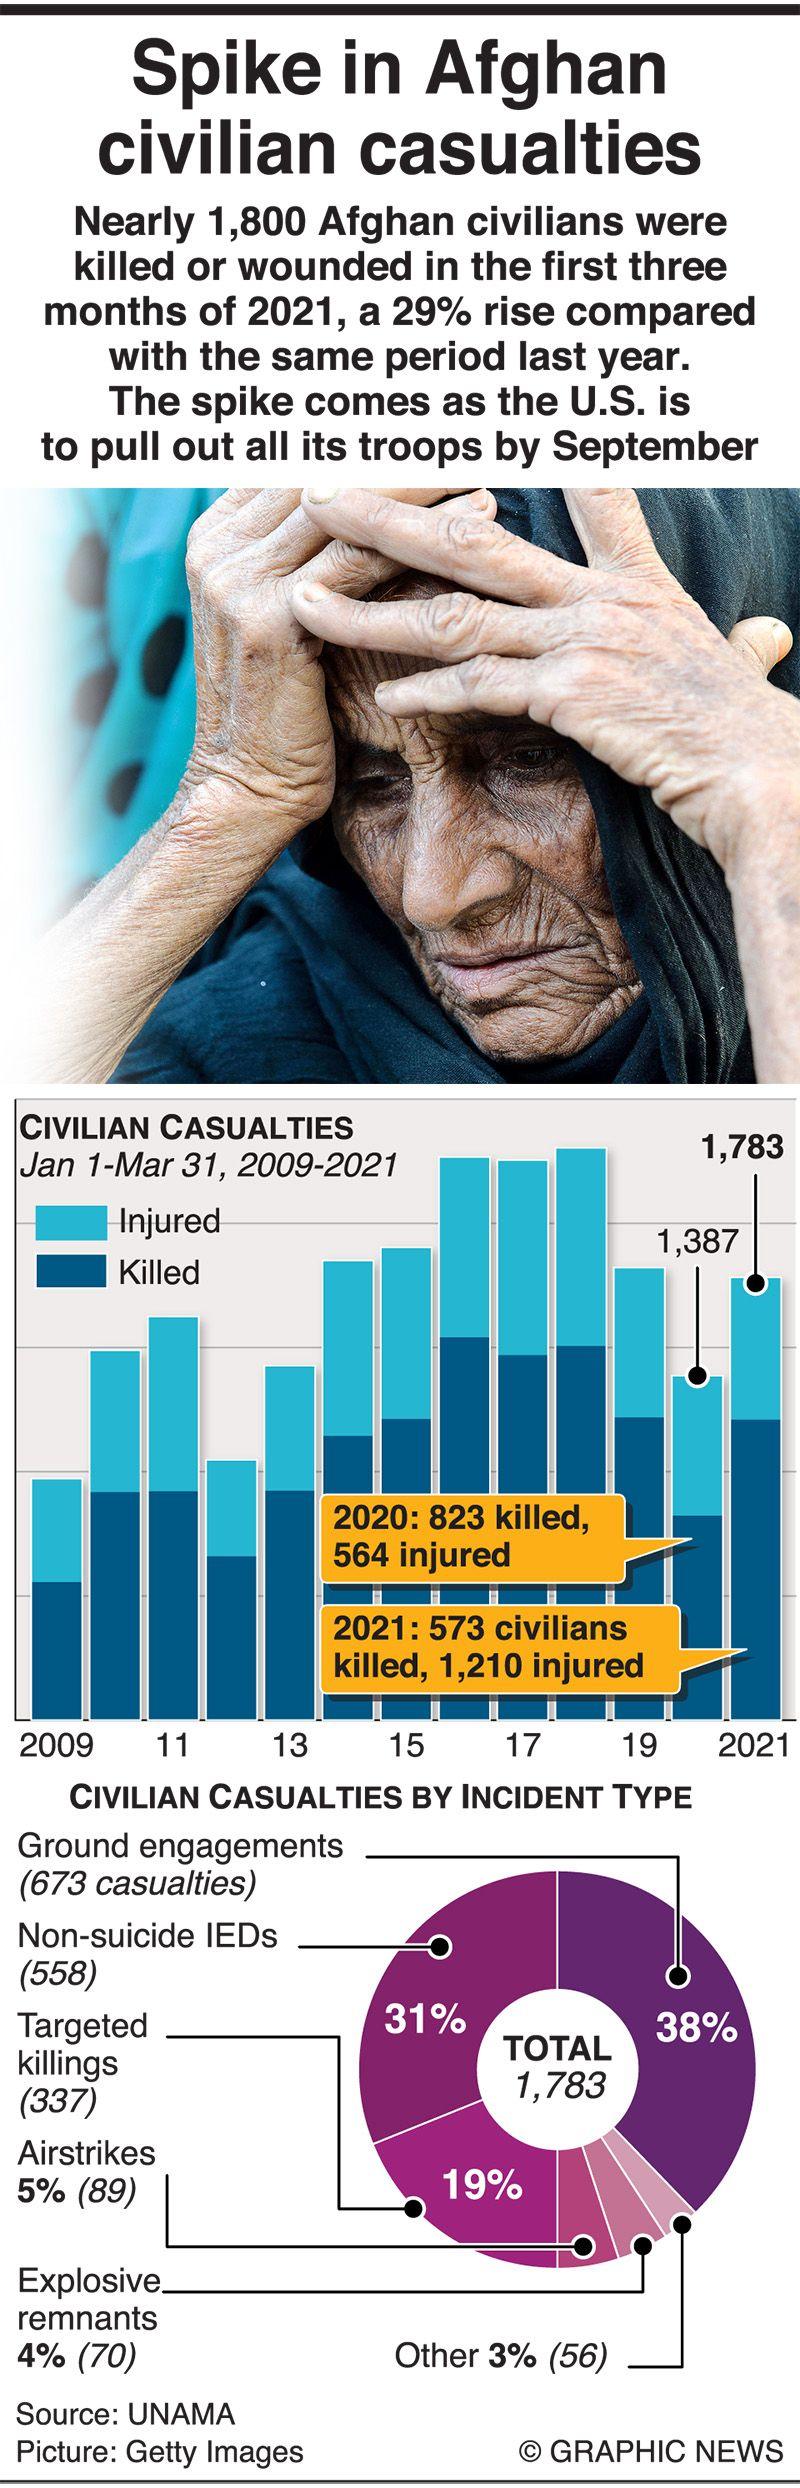 Spike in Afghan civilian casualties